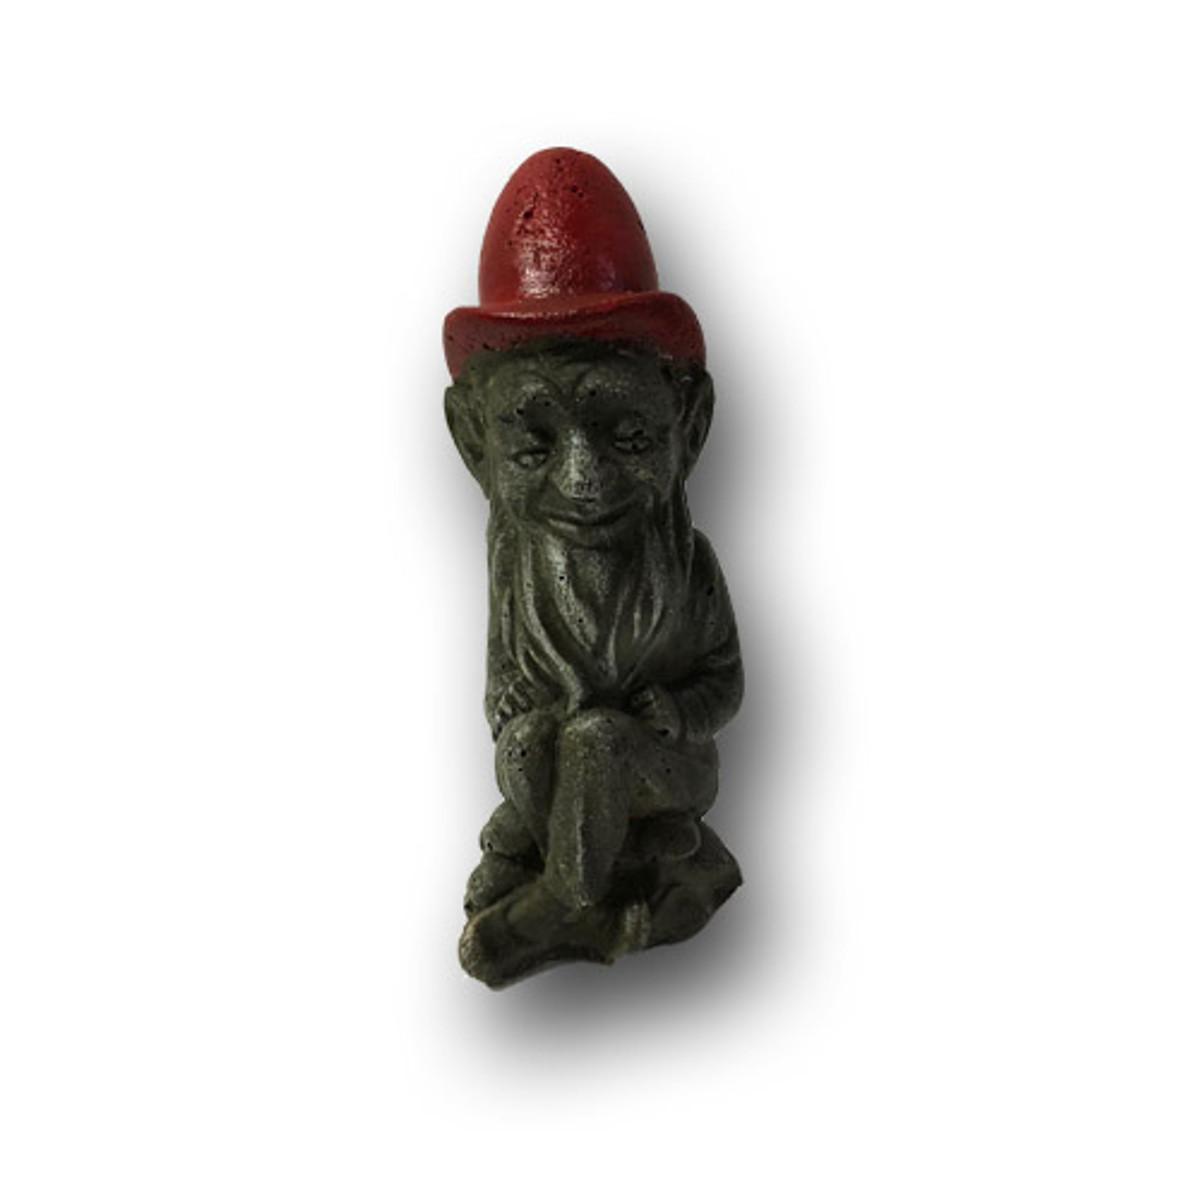 Silas Gnome Small